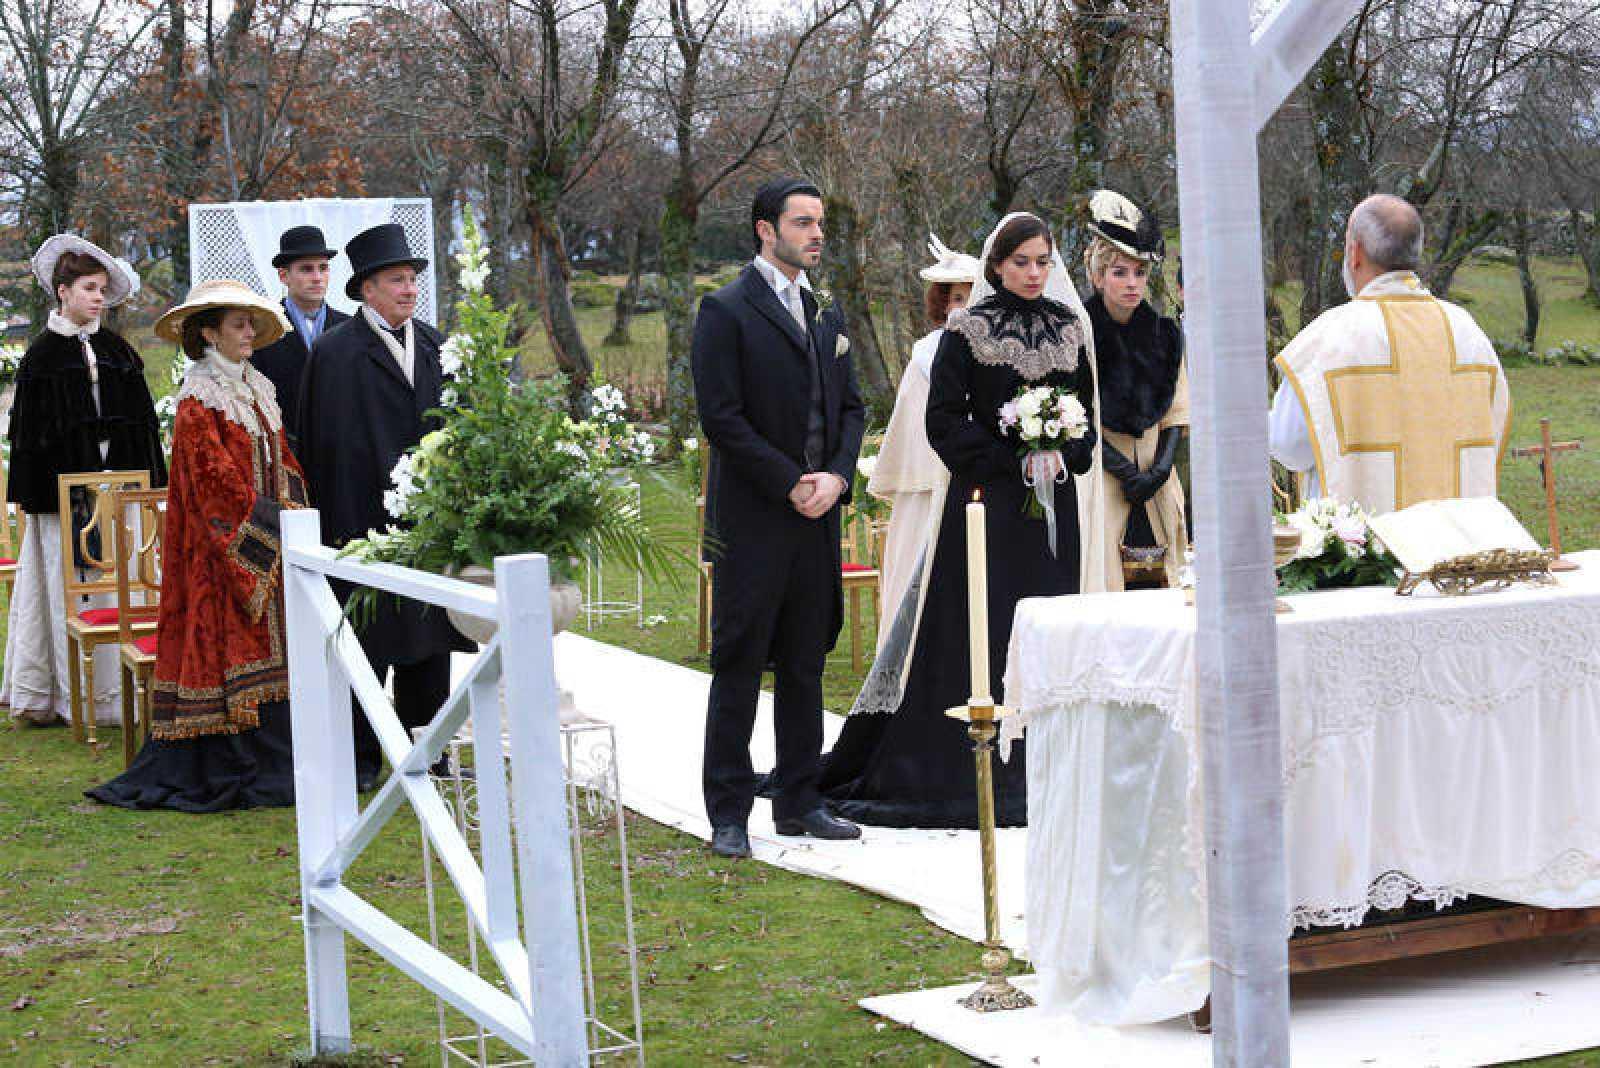 'Acacias' celebra la inusual boda de Fernando y Teresa, llena de tristeza tras la muerte de Mauro